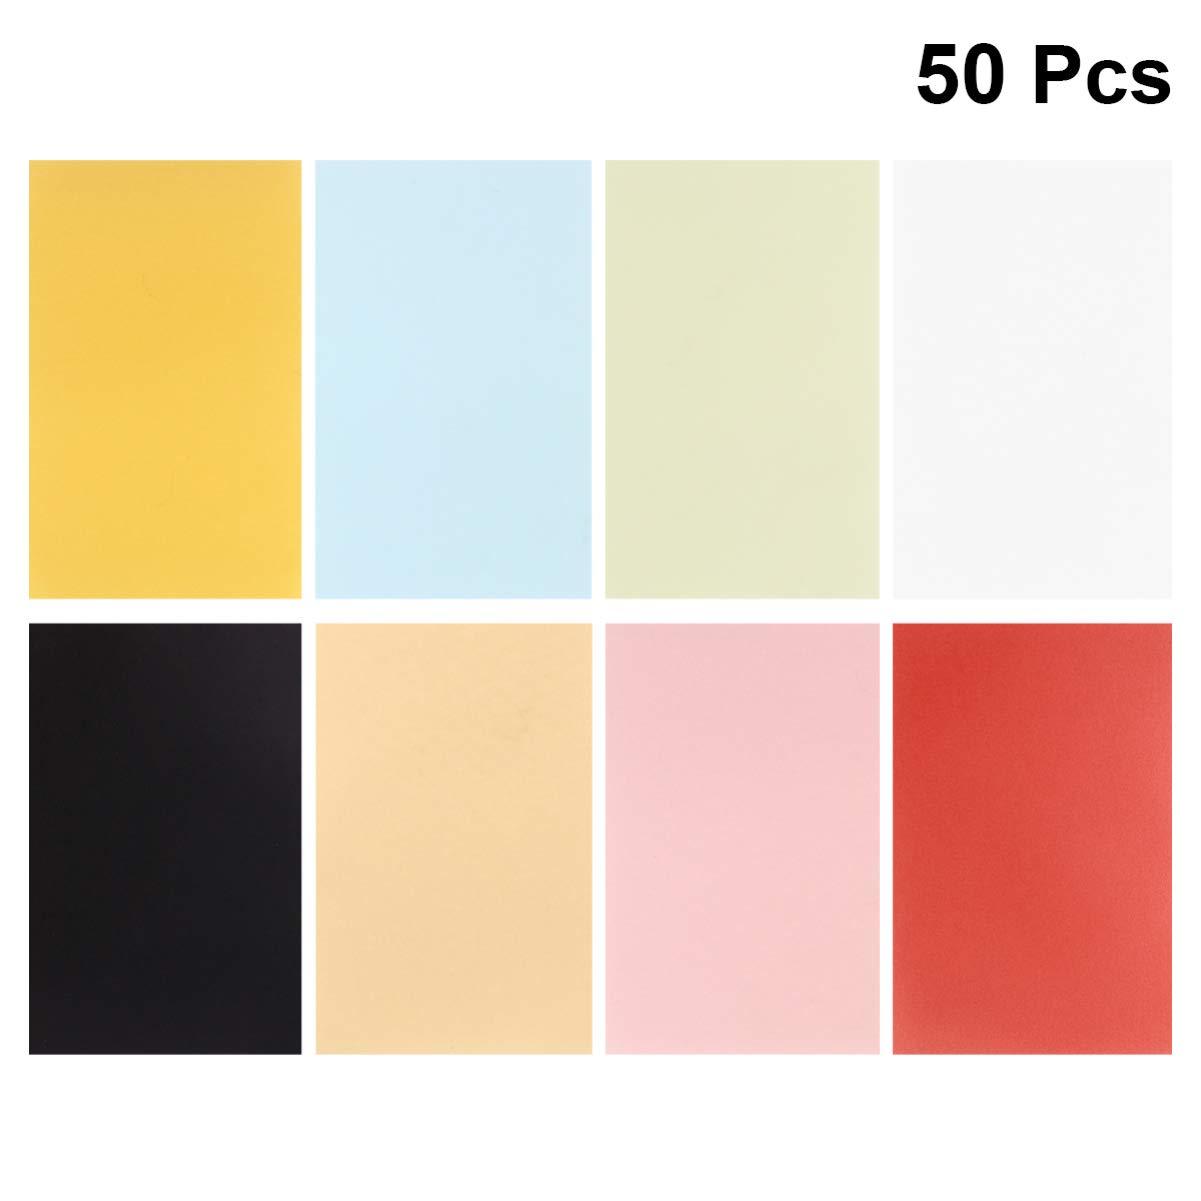 SUPVOX 50 Hojas de Papel de Dibujo Translúcido Papel Vitela Papel Vitela de Color Papel de Calco para Imprimir Dibujo Impresora Láser de Inyección de Tinta: Amazon.es: Hogar